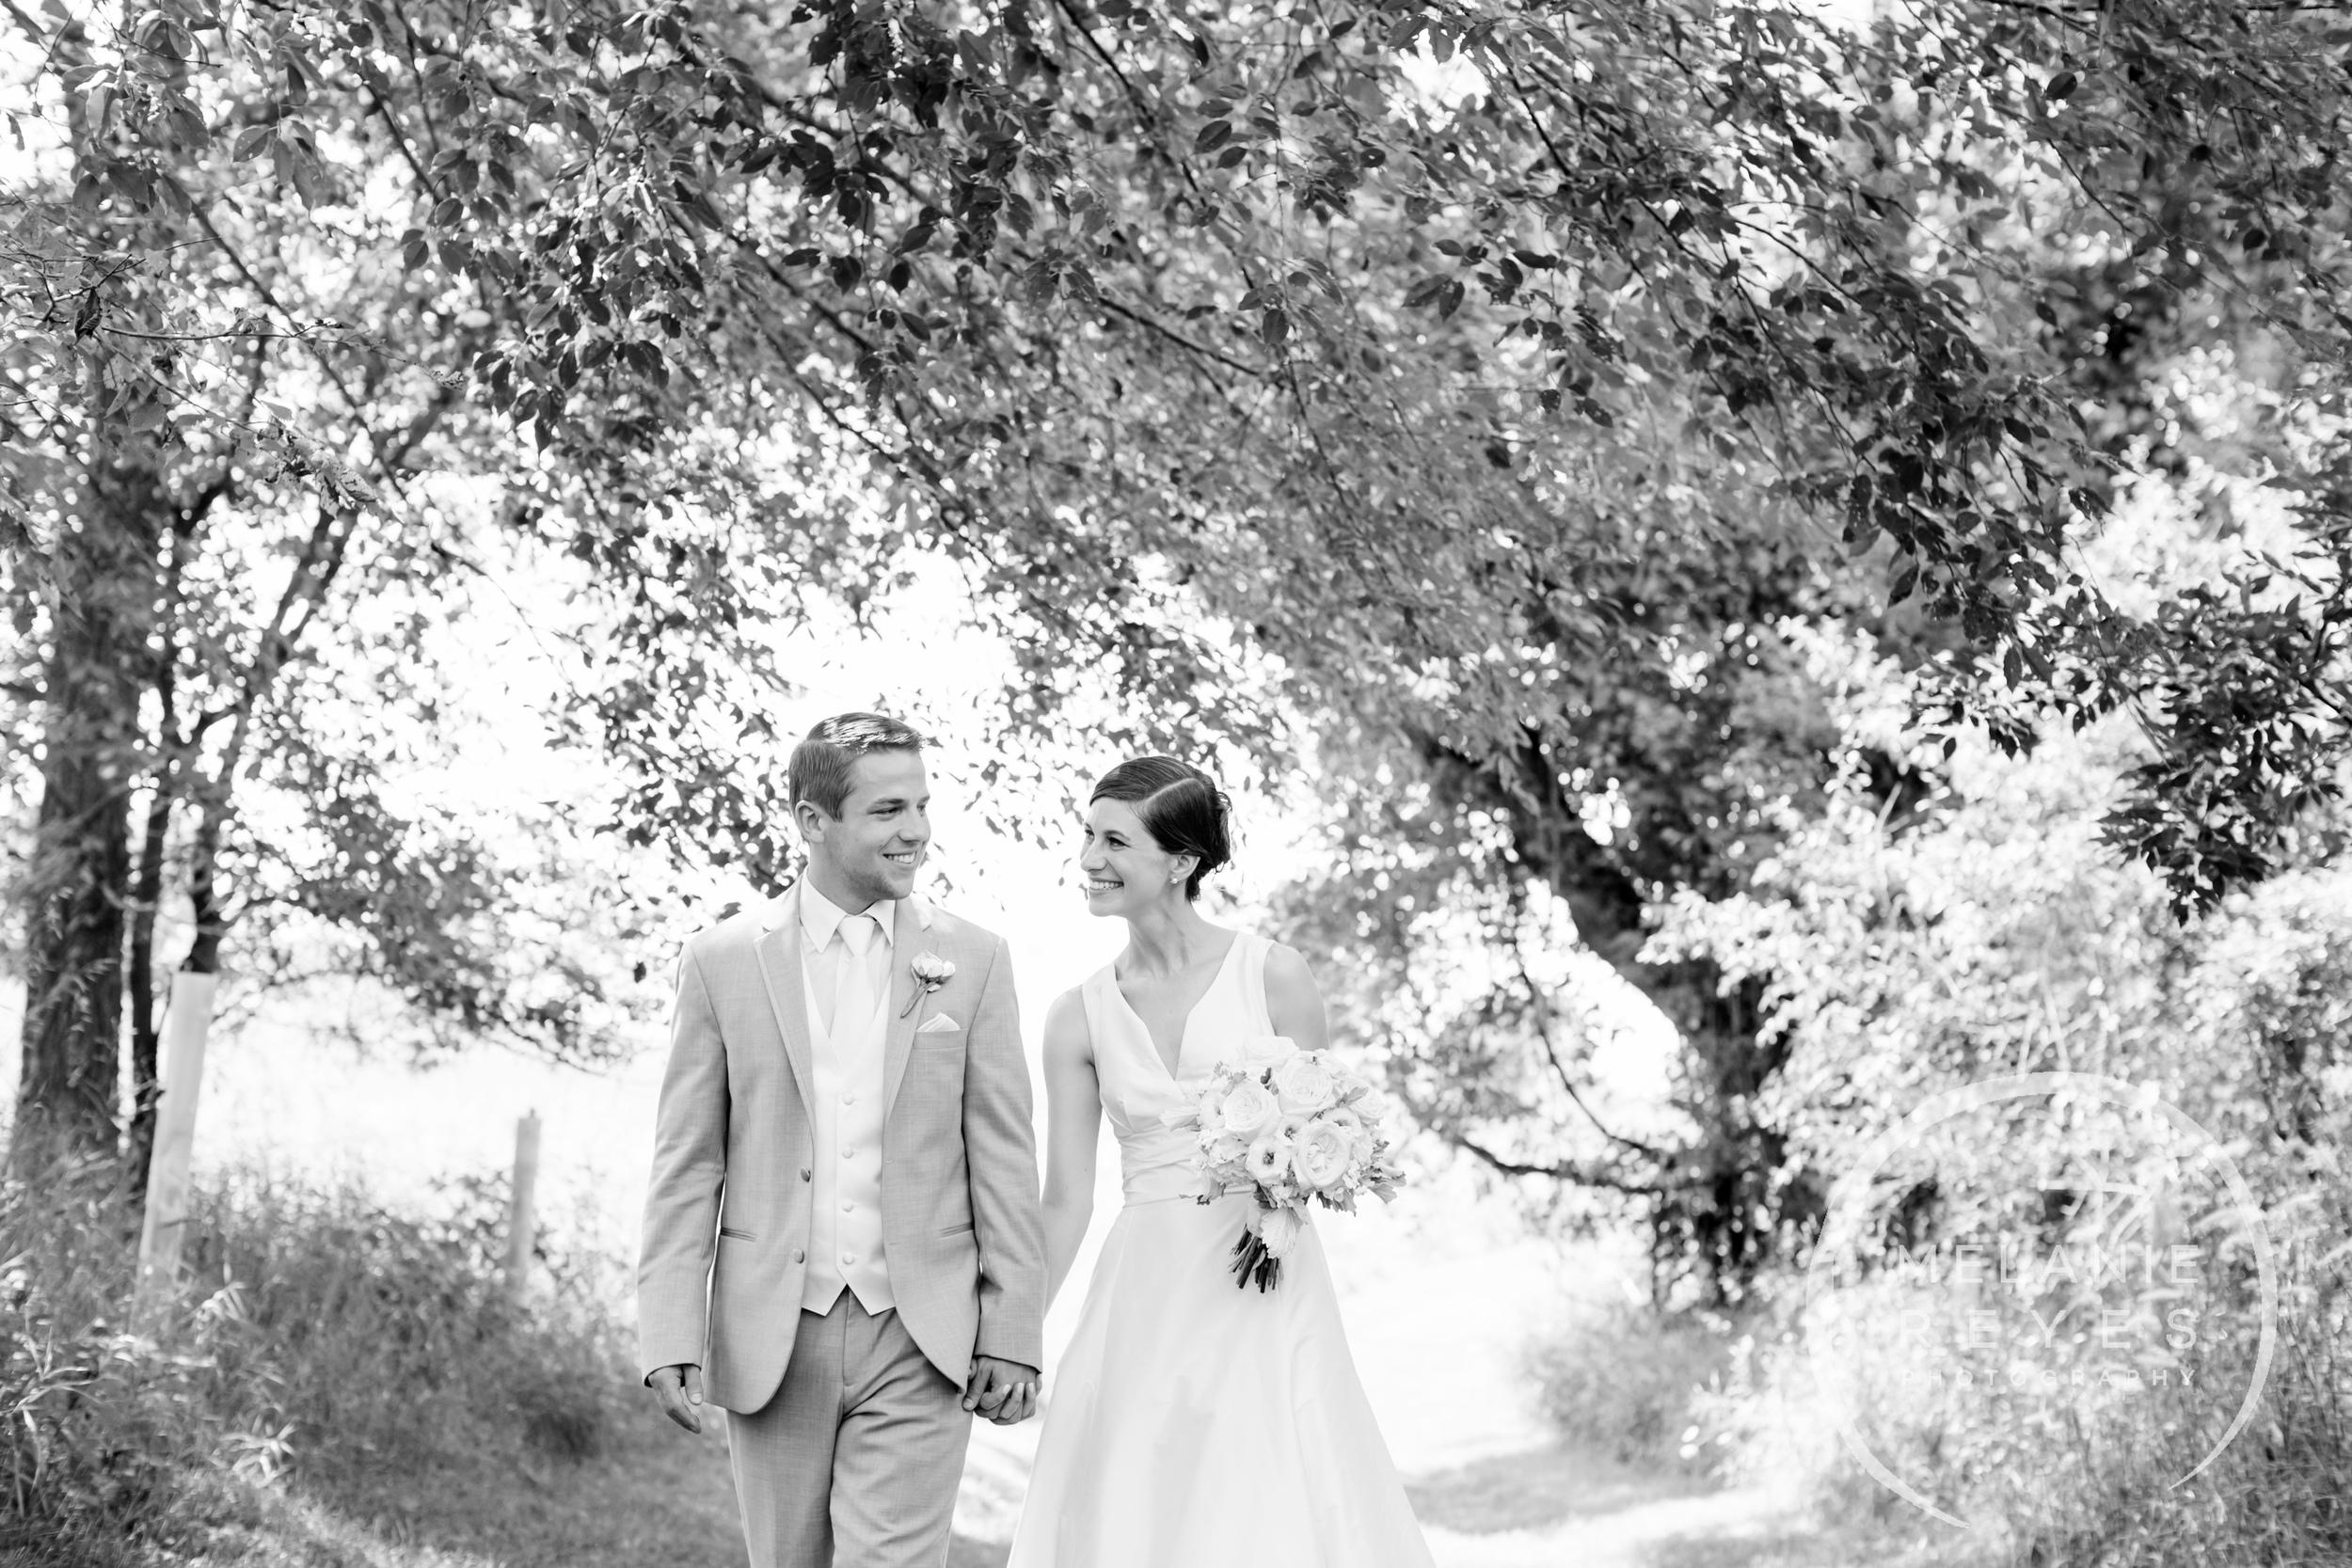 026_farm_wedding_melanie_reyes.JPG